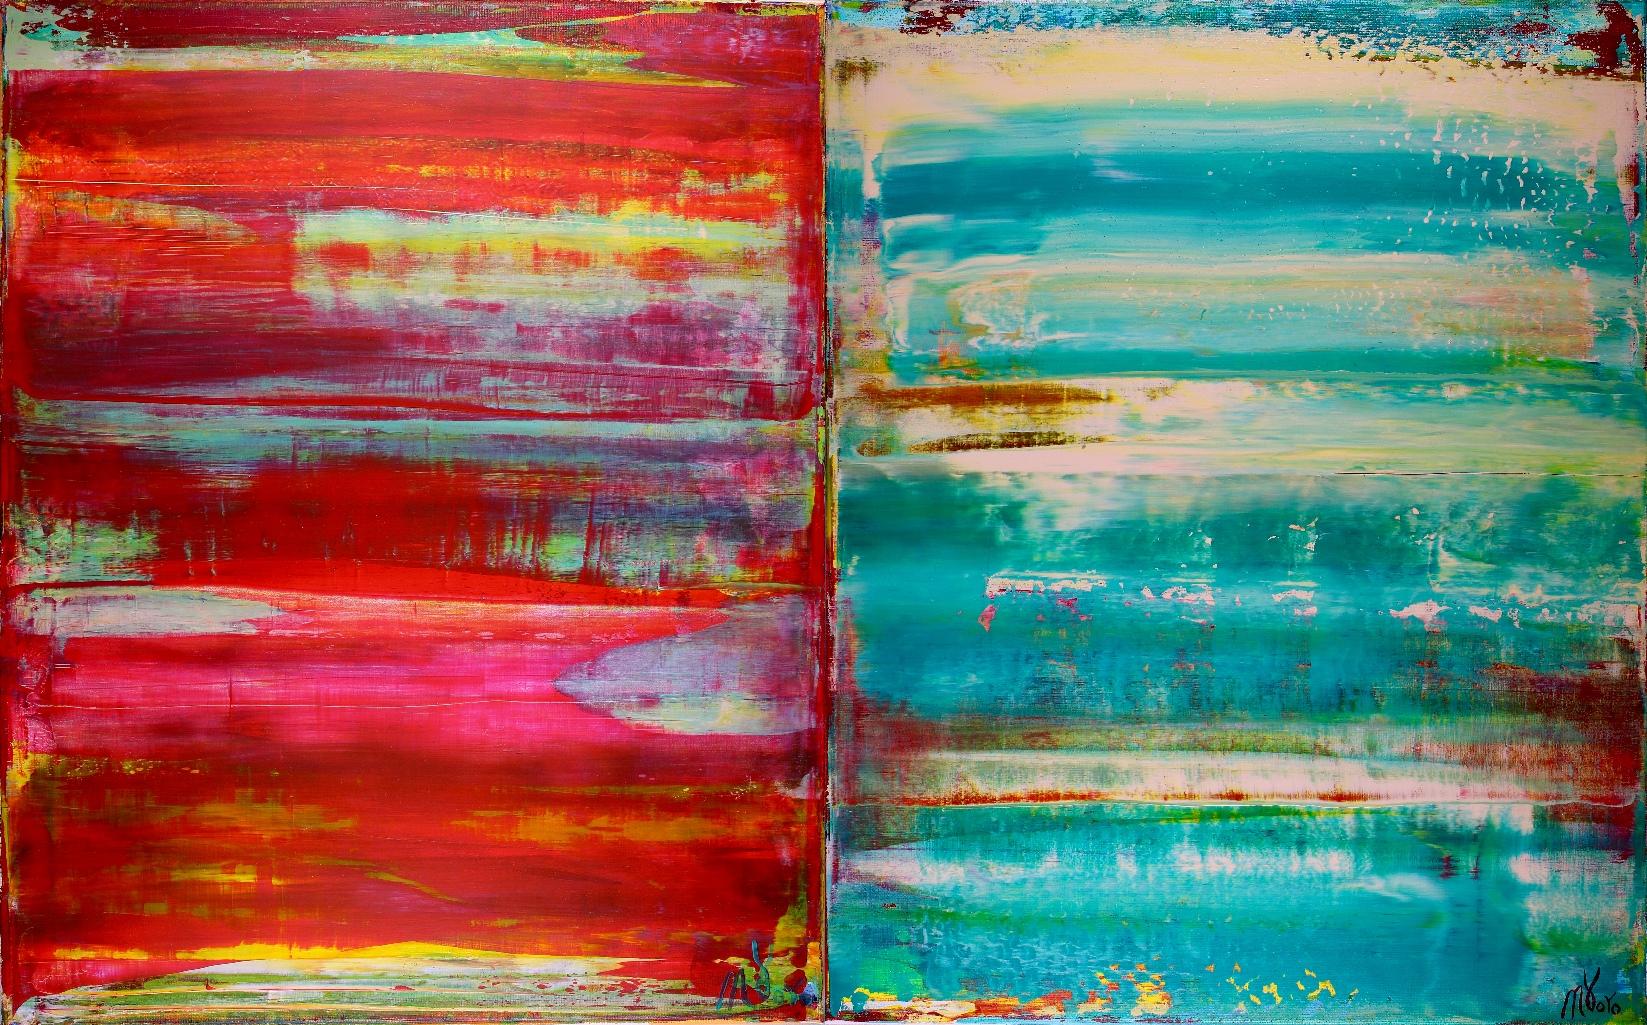 Dual Panorama - Triptych (2018) Acrylic painting by Nestor ToroDual Panorama - Triptych (2018) Acrylic painting by Nestor Toro